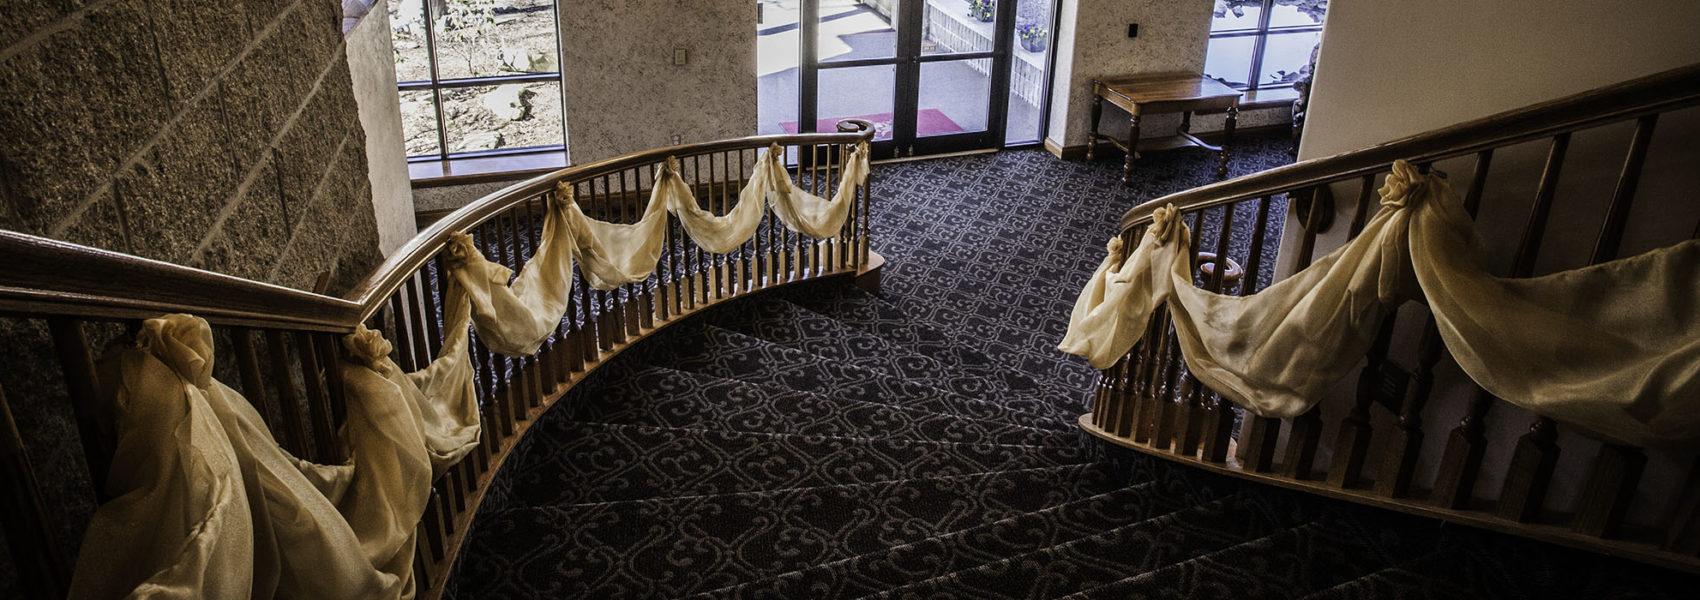 wedding reception ballrooms